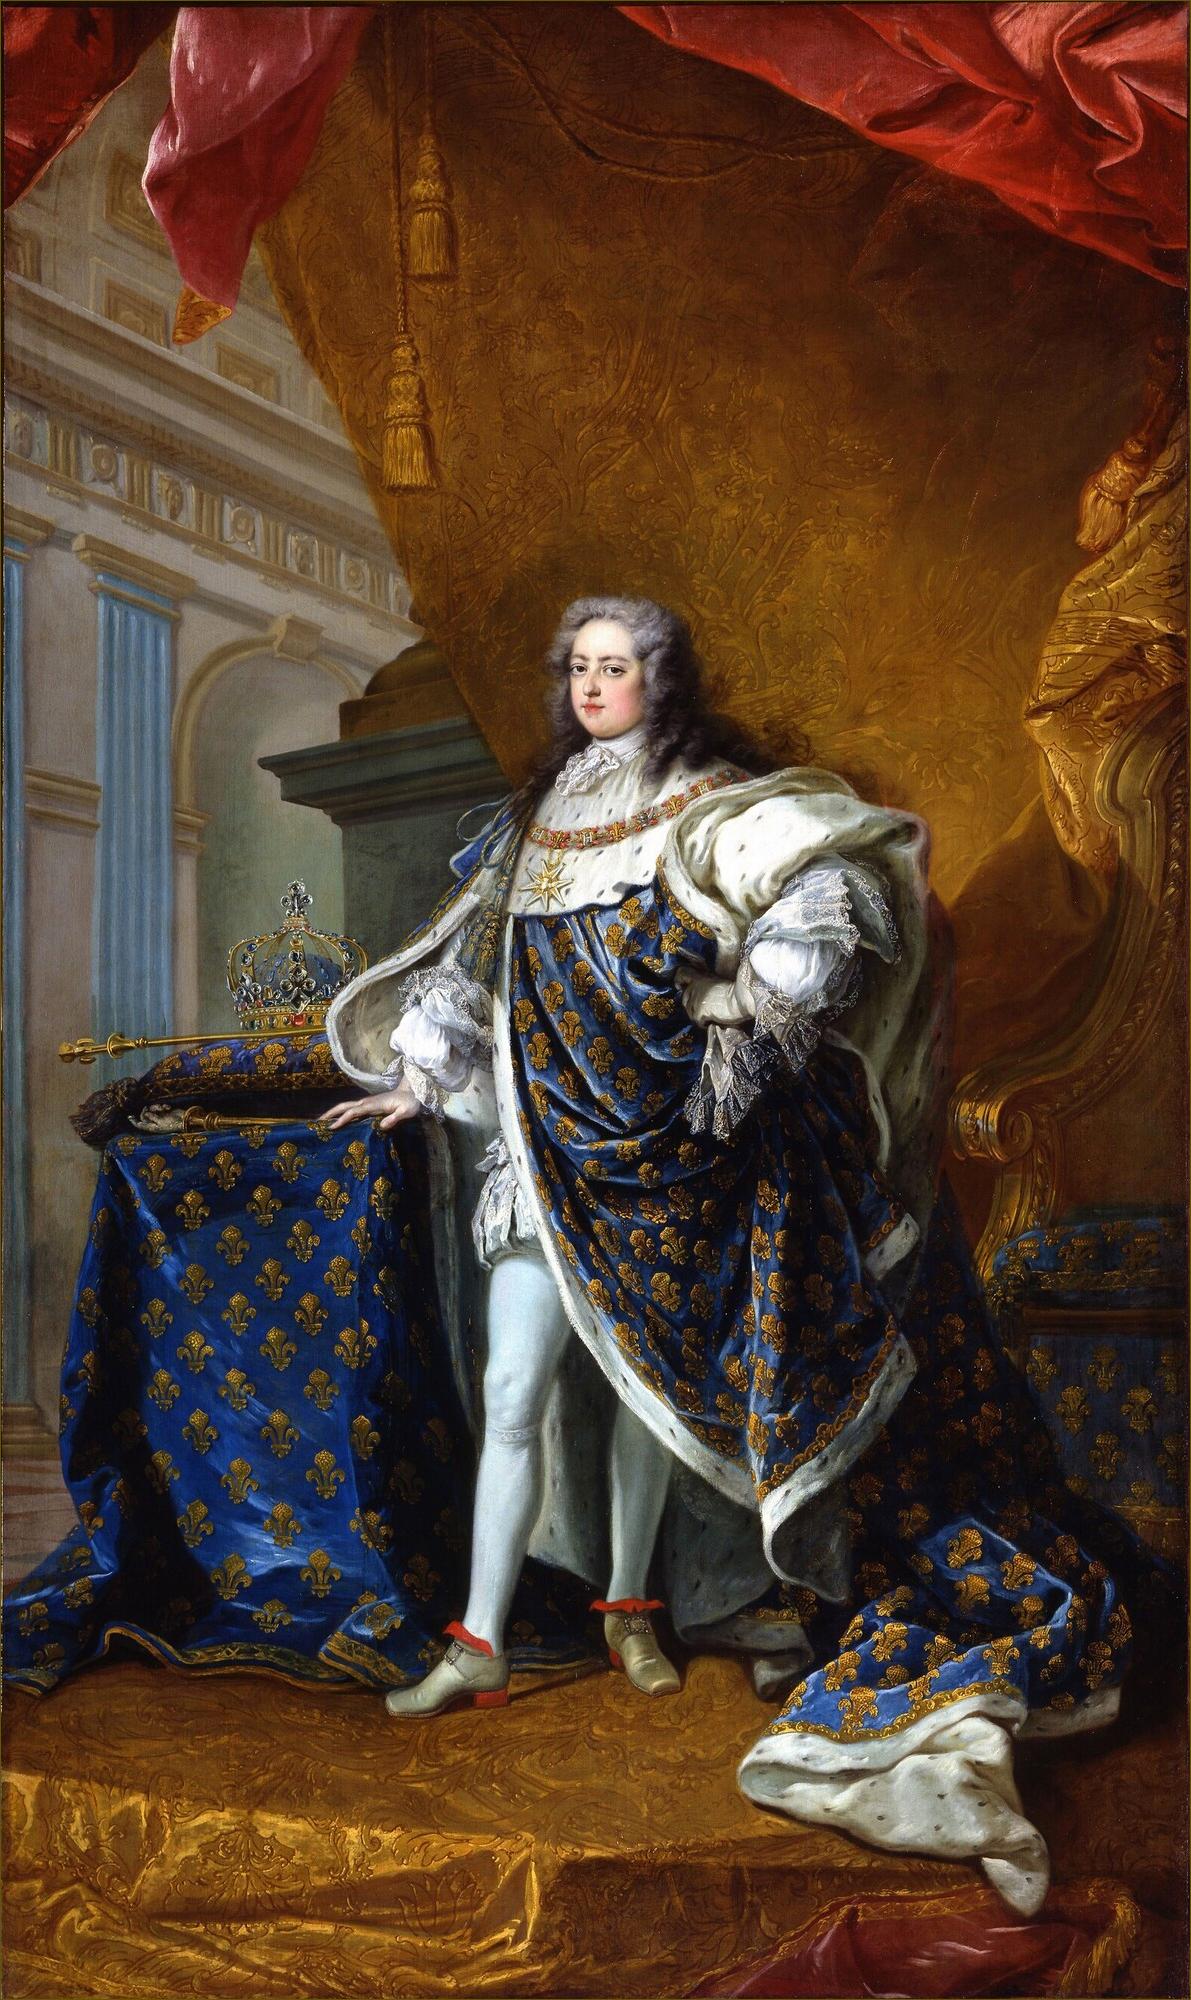 Louis XV, roi de France, âgé de 18 ans, en costume royal, en 1728, par Jean-Baptiste Van Loo